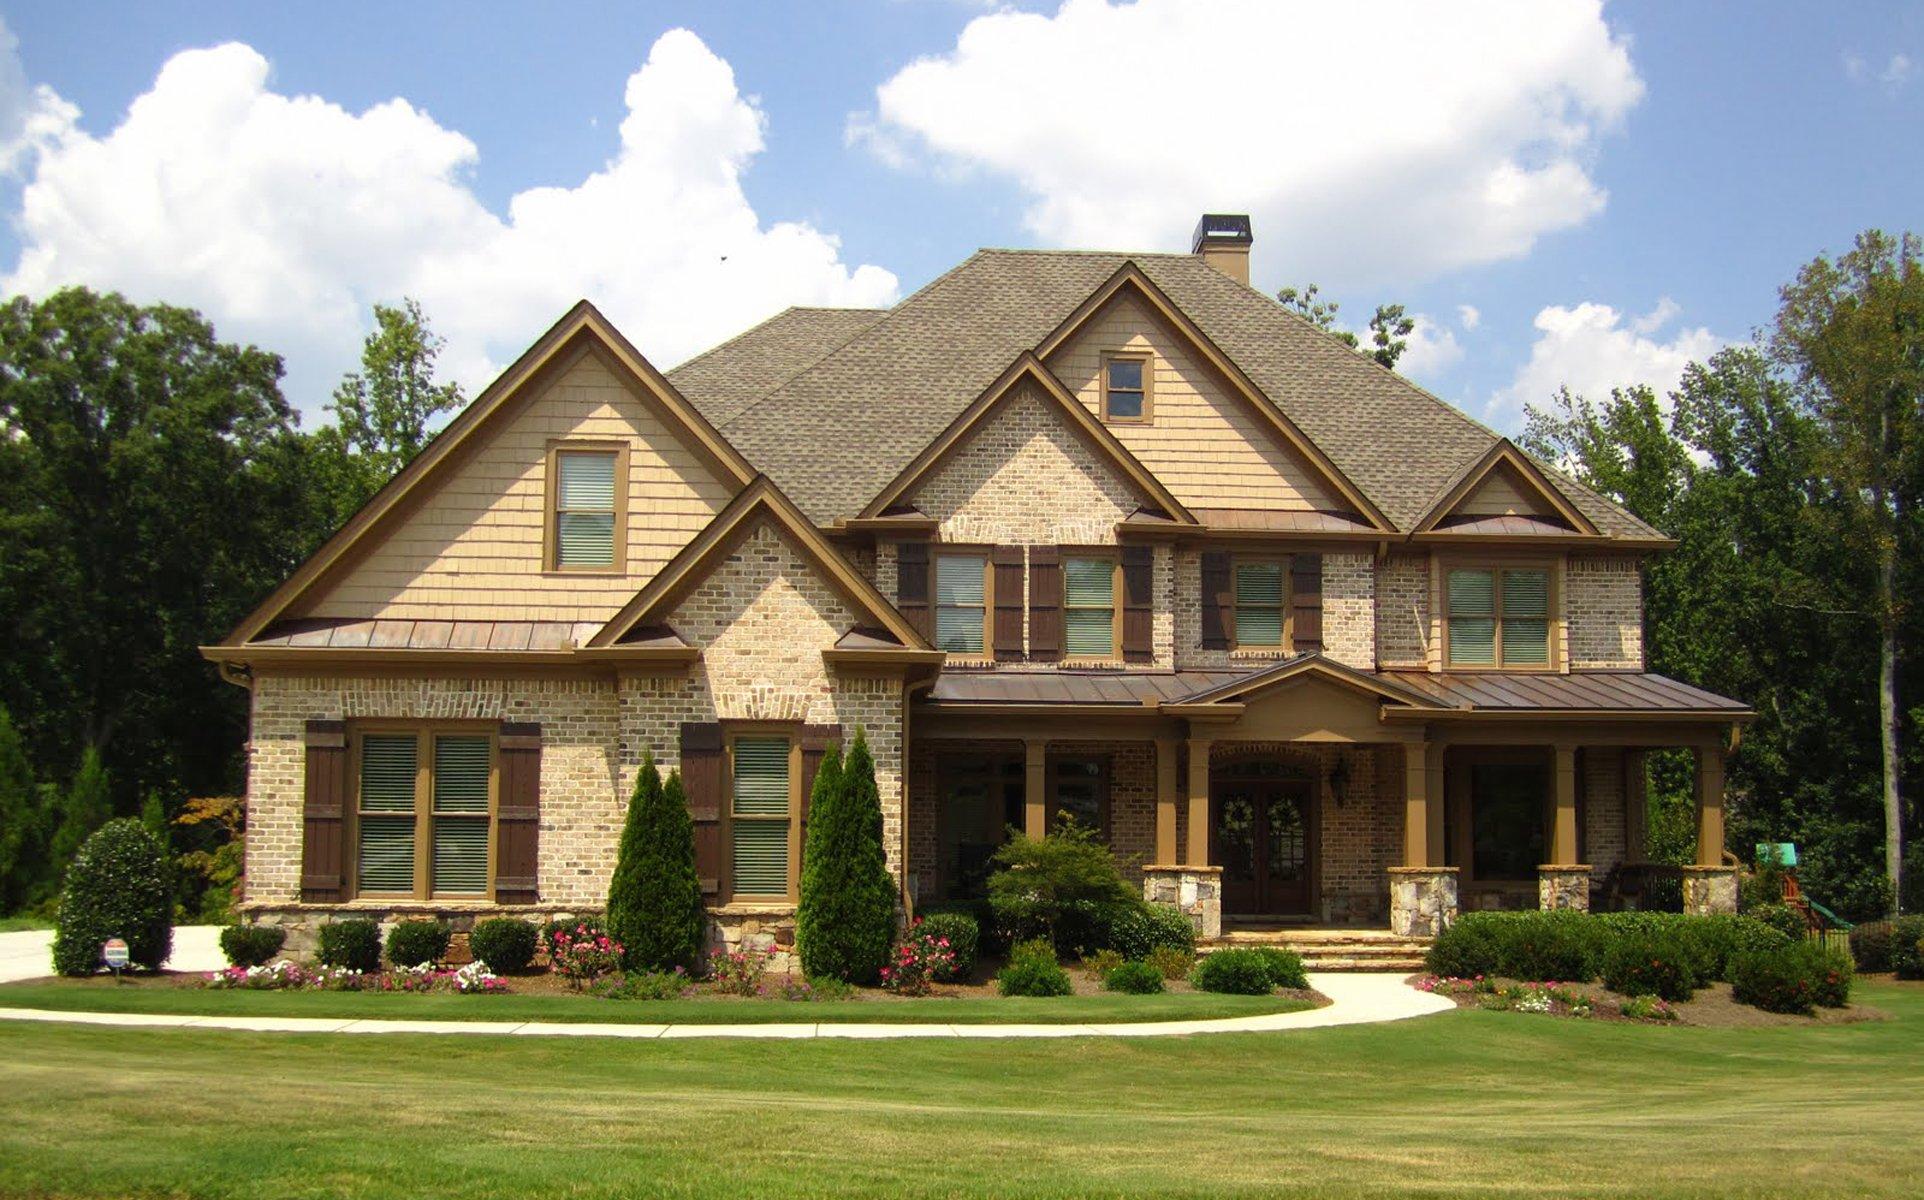 Смотреть картинки с домами